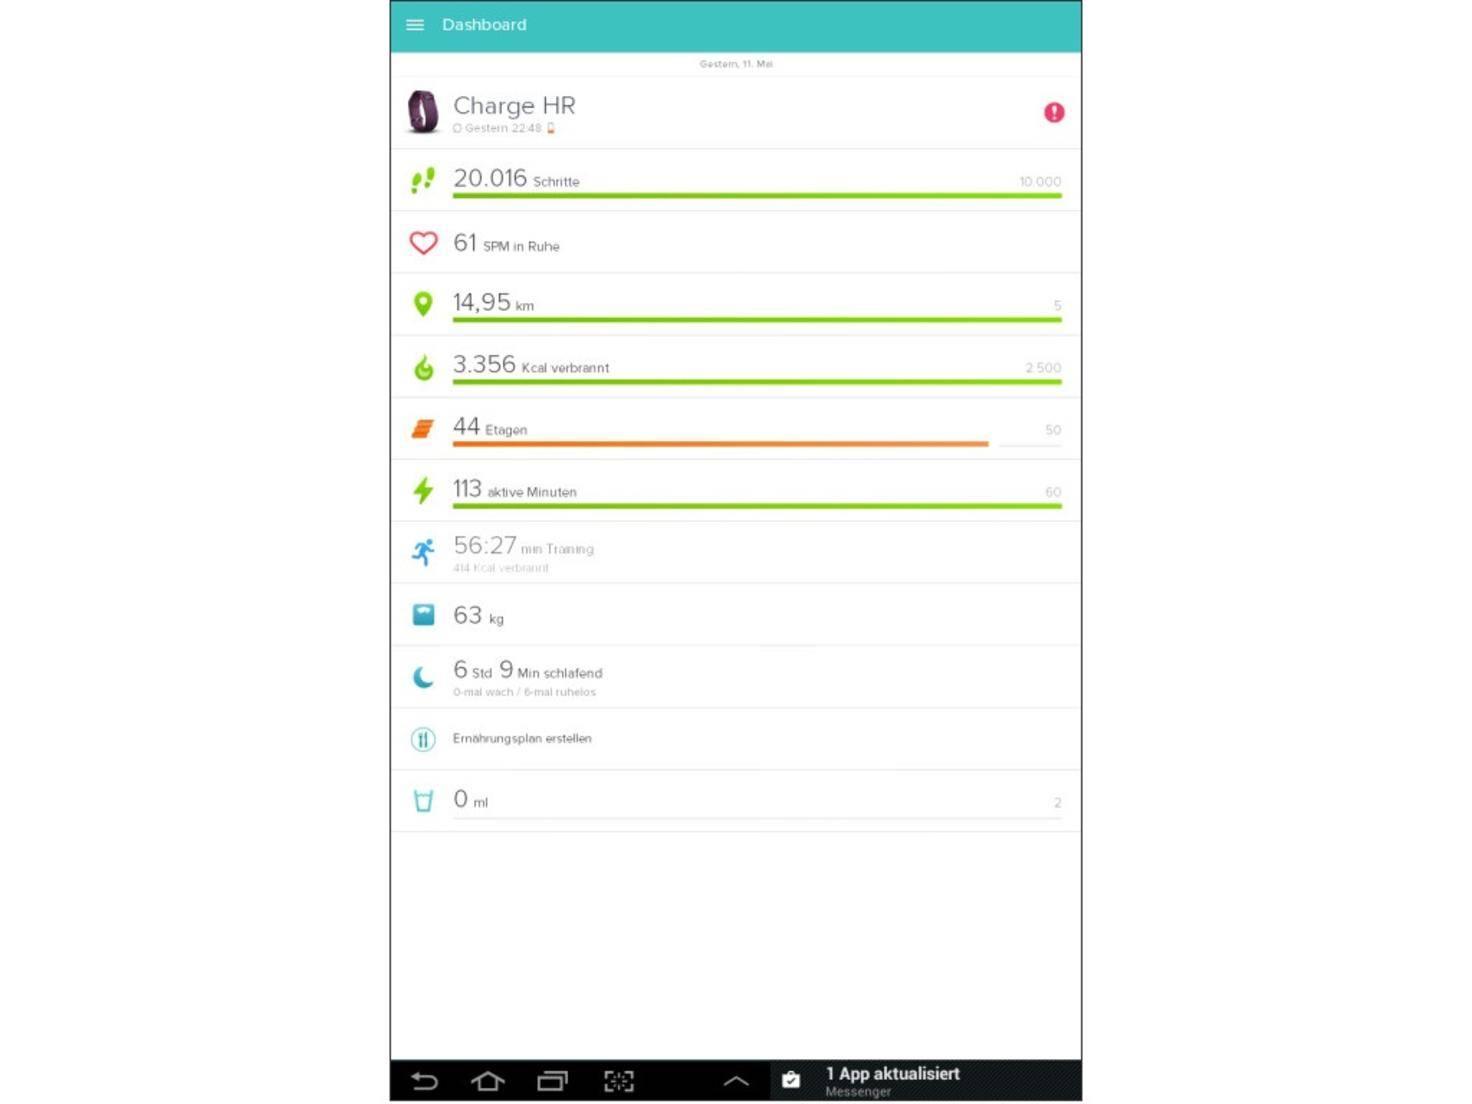 Der Startbildschirm der Fitbit-App fasst alles Wichtige zusammen.